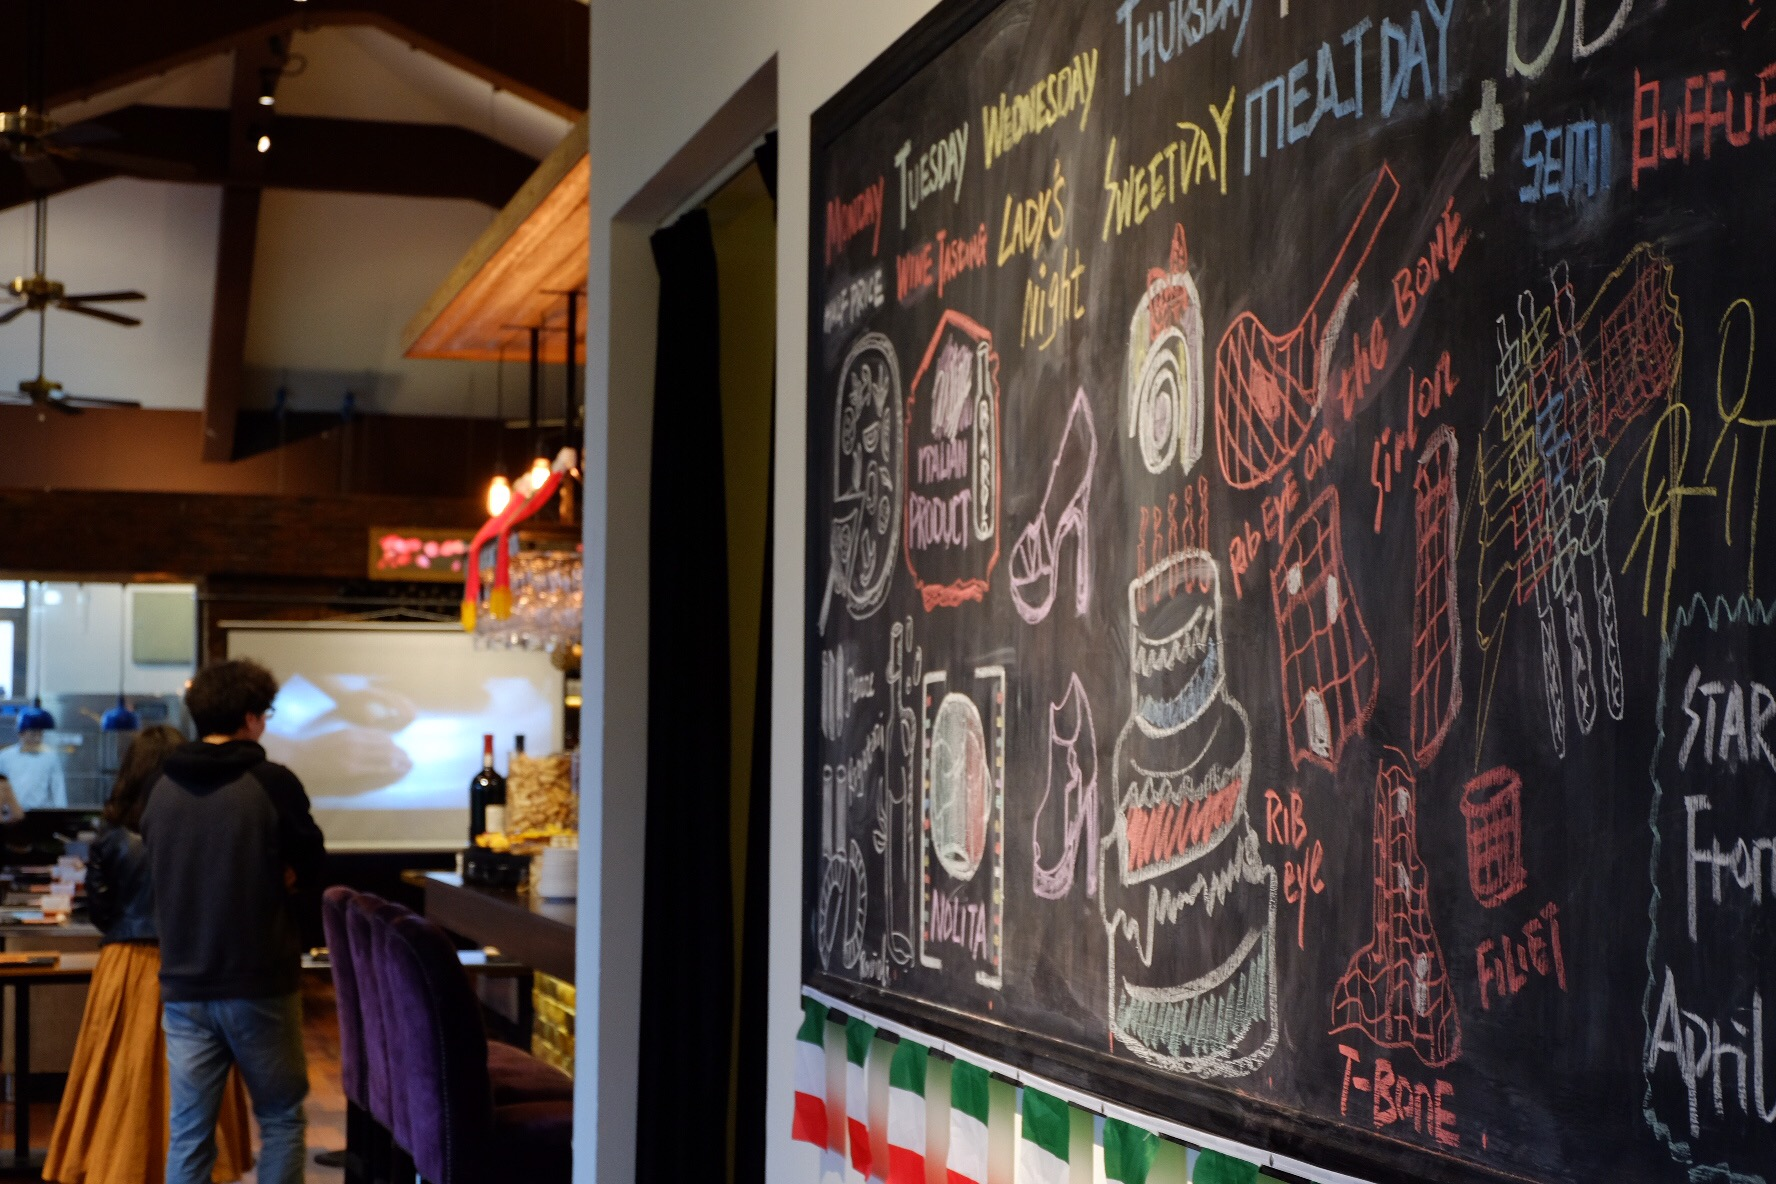 意式披萨DIY体验:愿你与这世界温柔相对